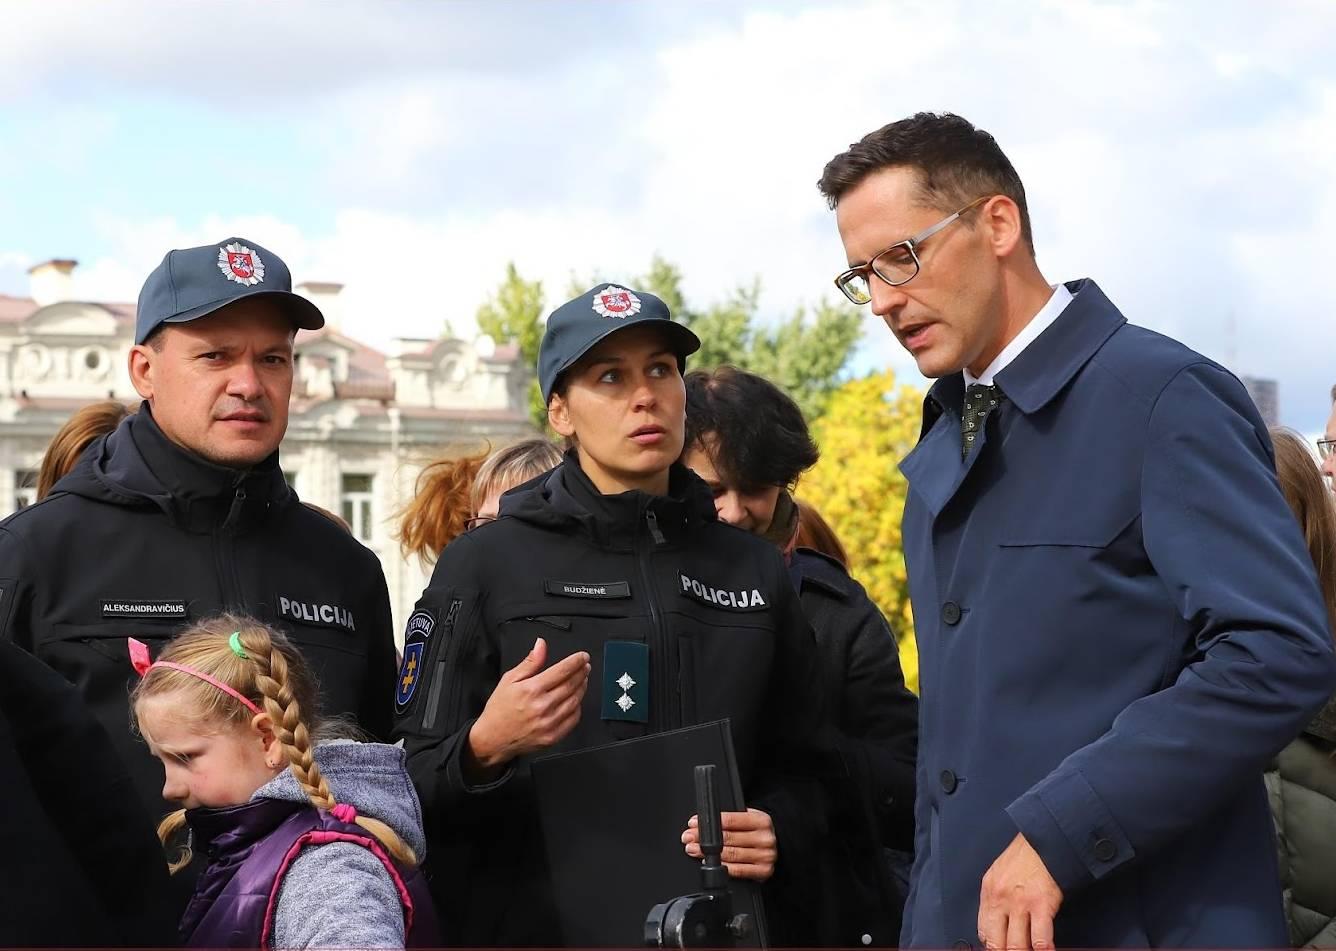 Elektrėnuose gyvenantis Lietuvos totorių tautos atstovas Aleksandras Aleksandravičius: pasaulis sparčiai globalėja